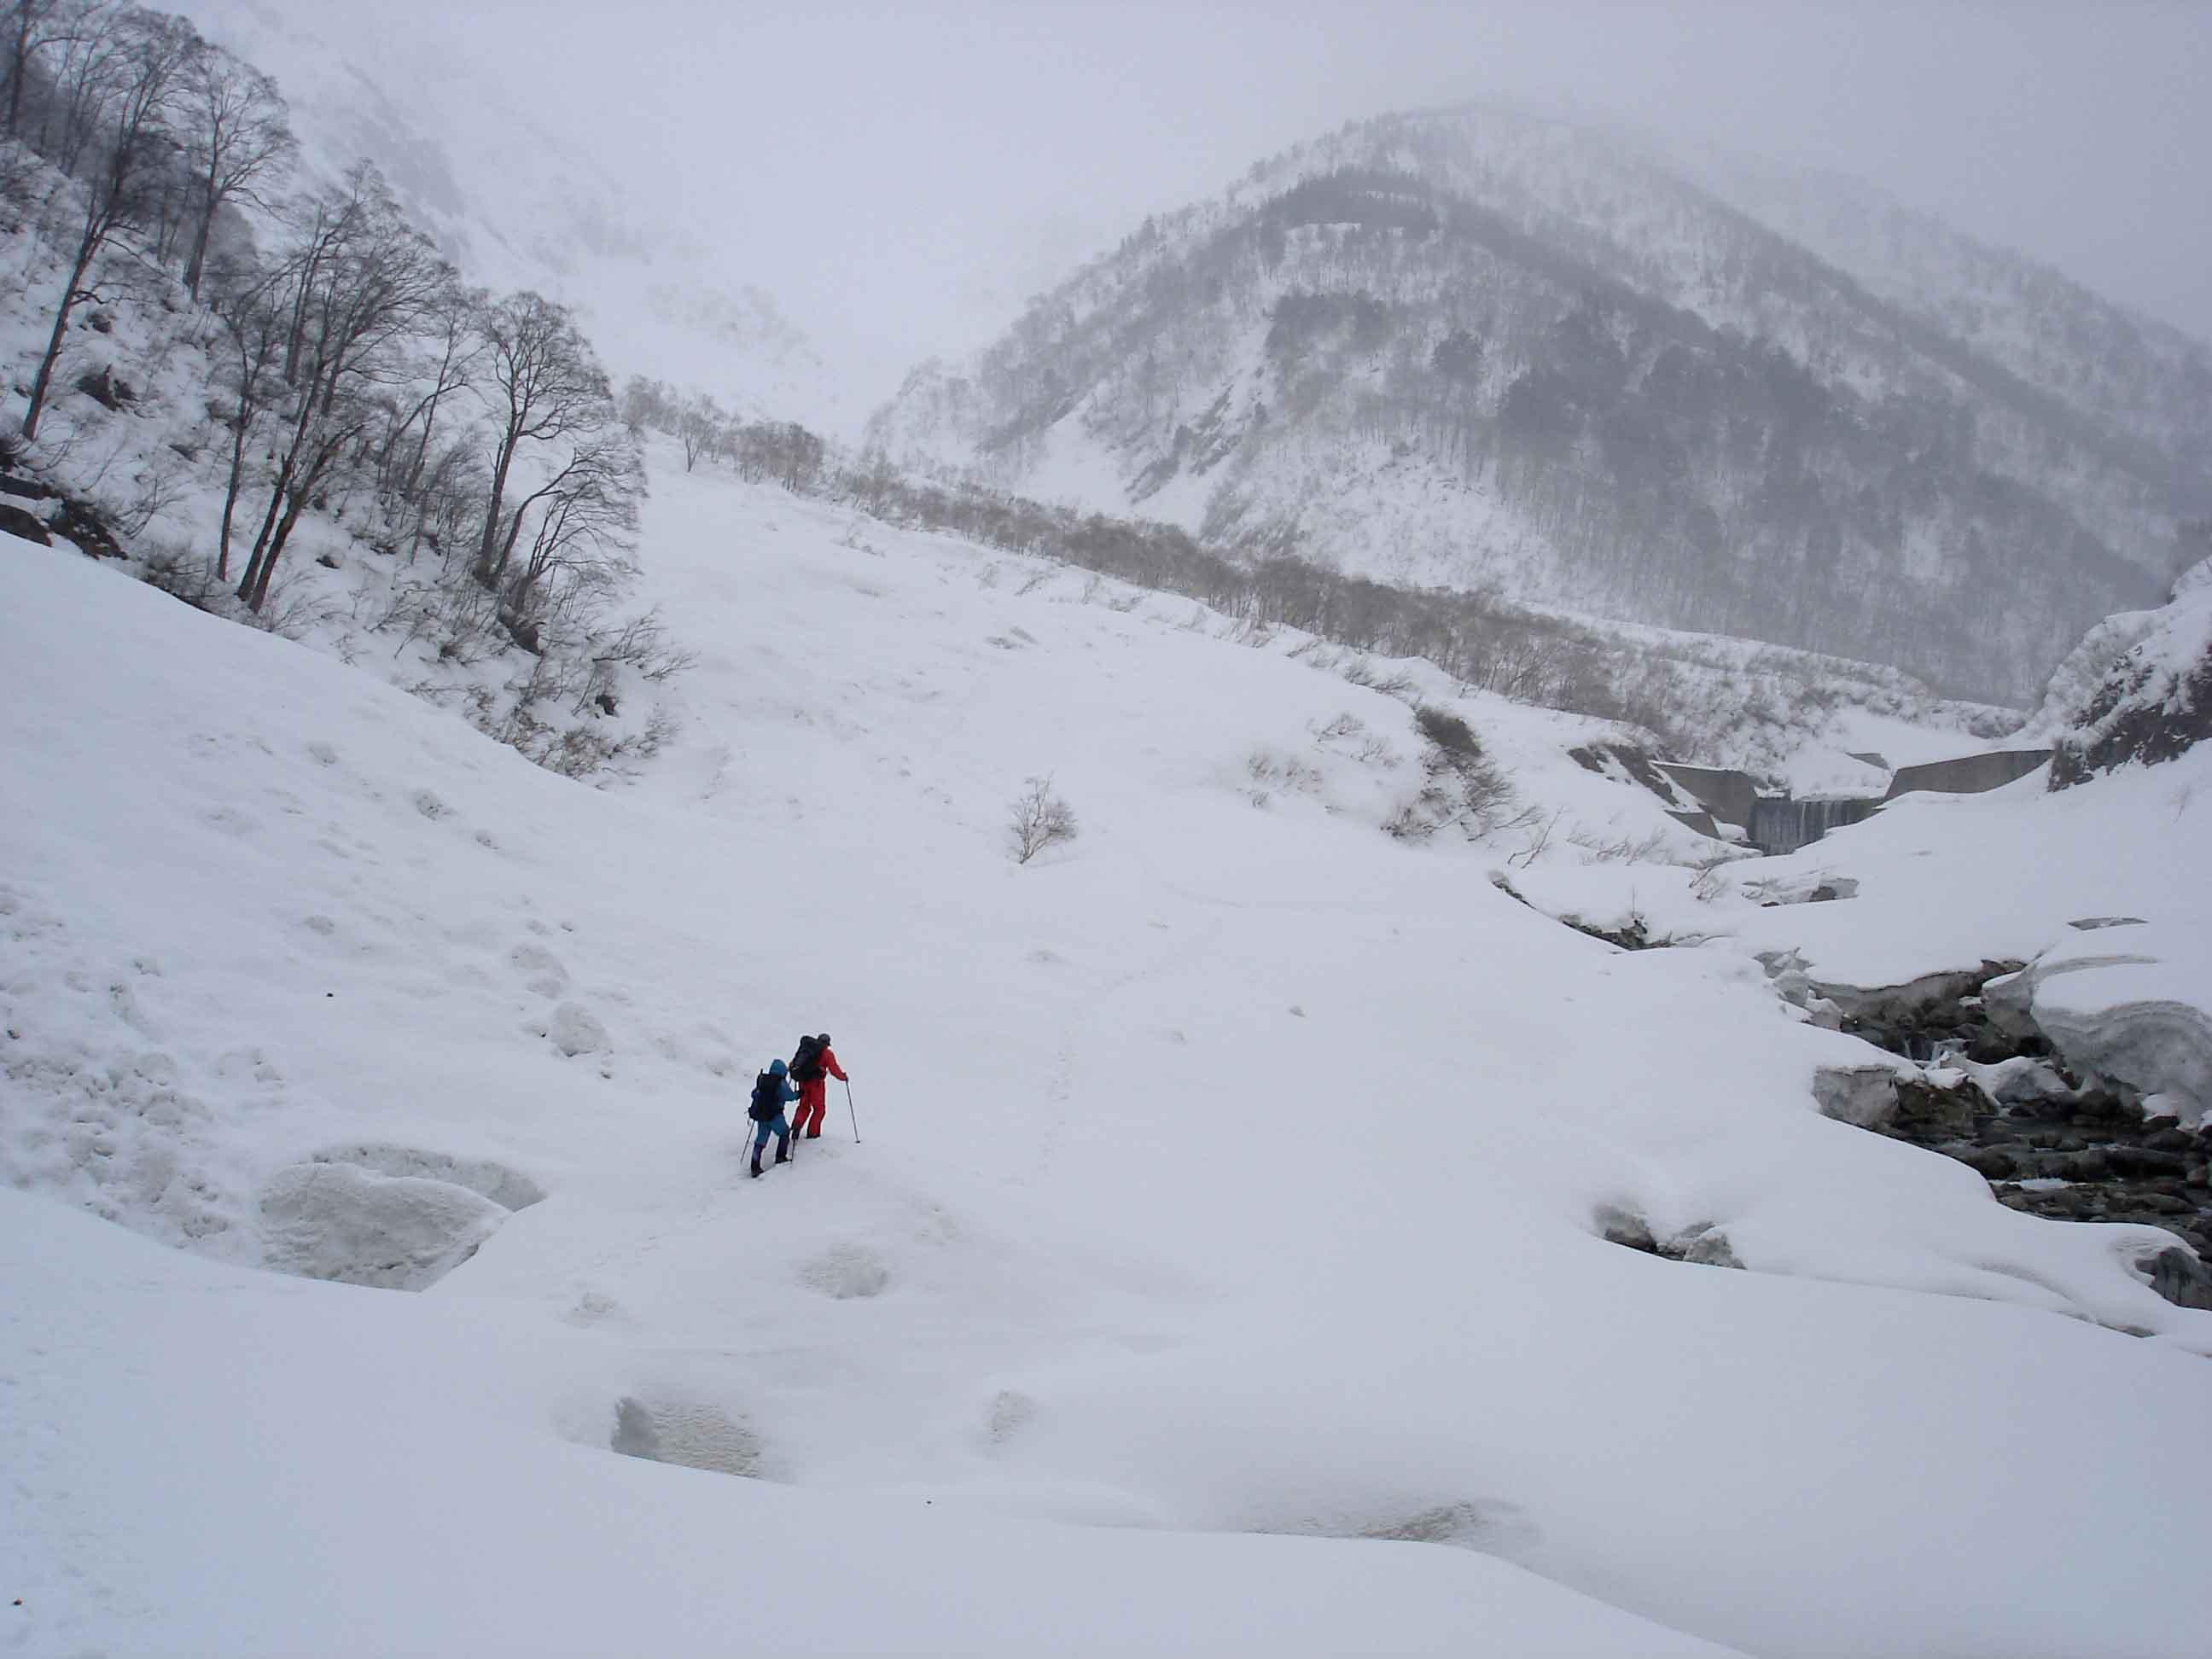 雪崩現場へ DSC08807